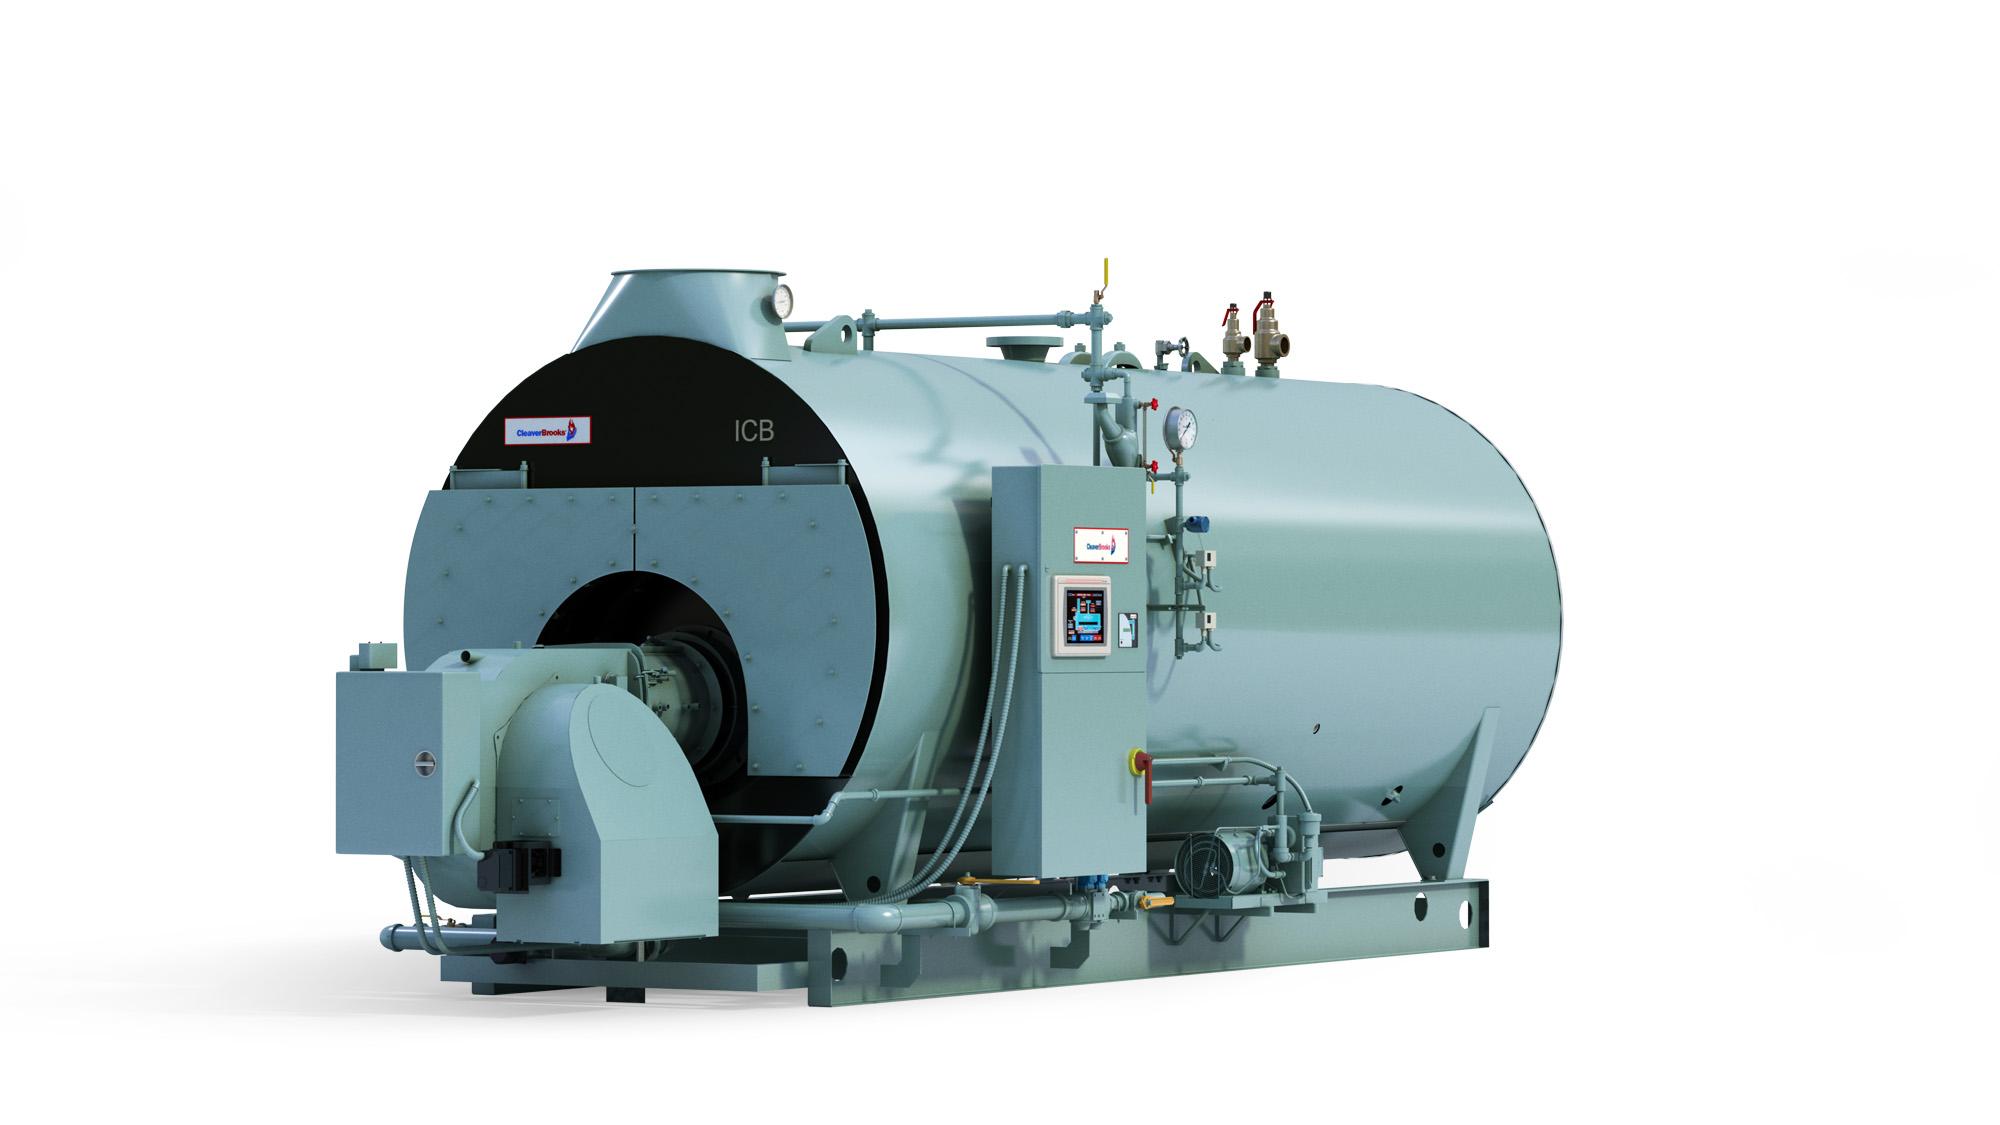 ICB Firetube Boiler